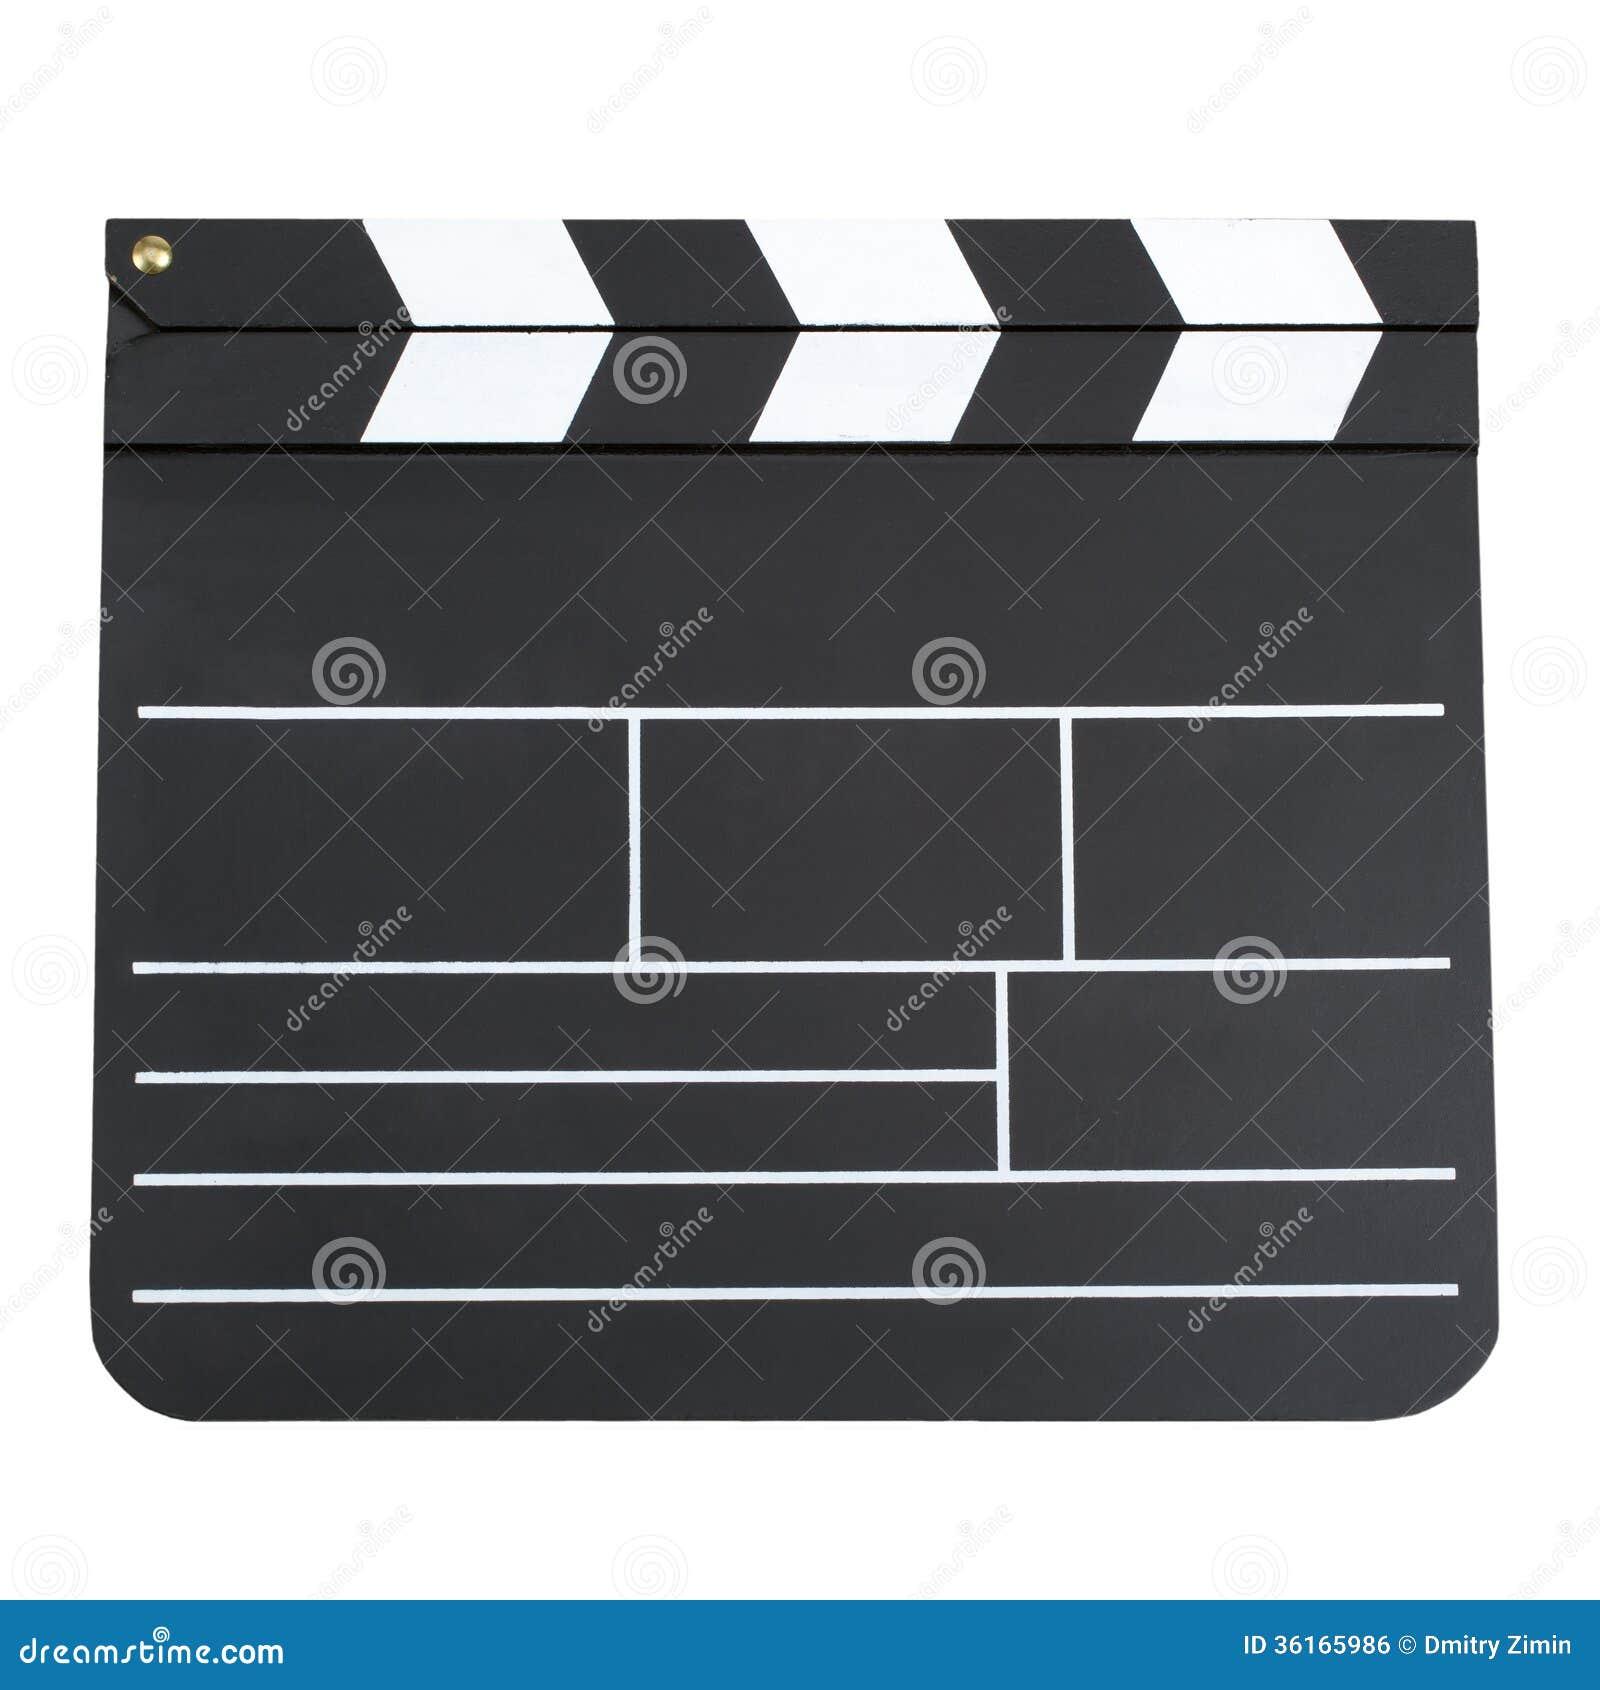 blank film slate - photo #18